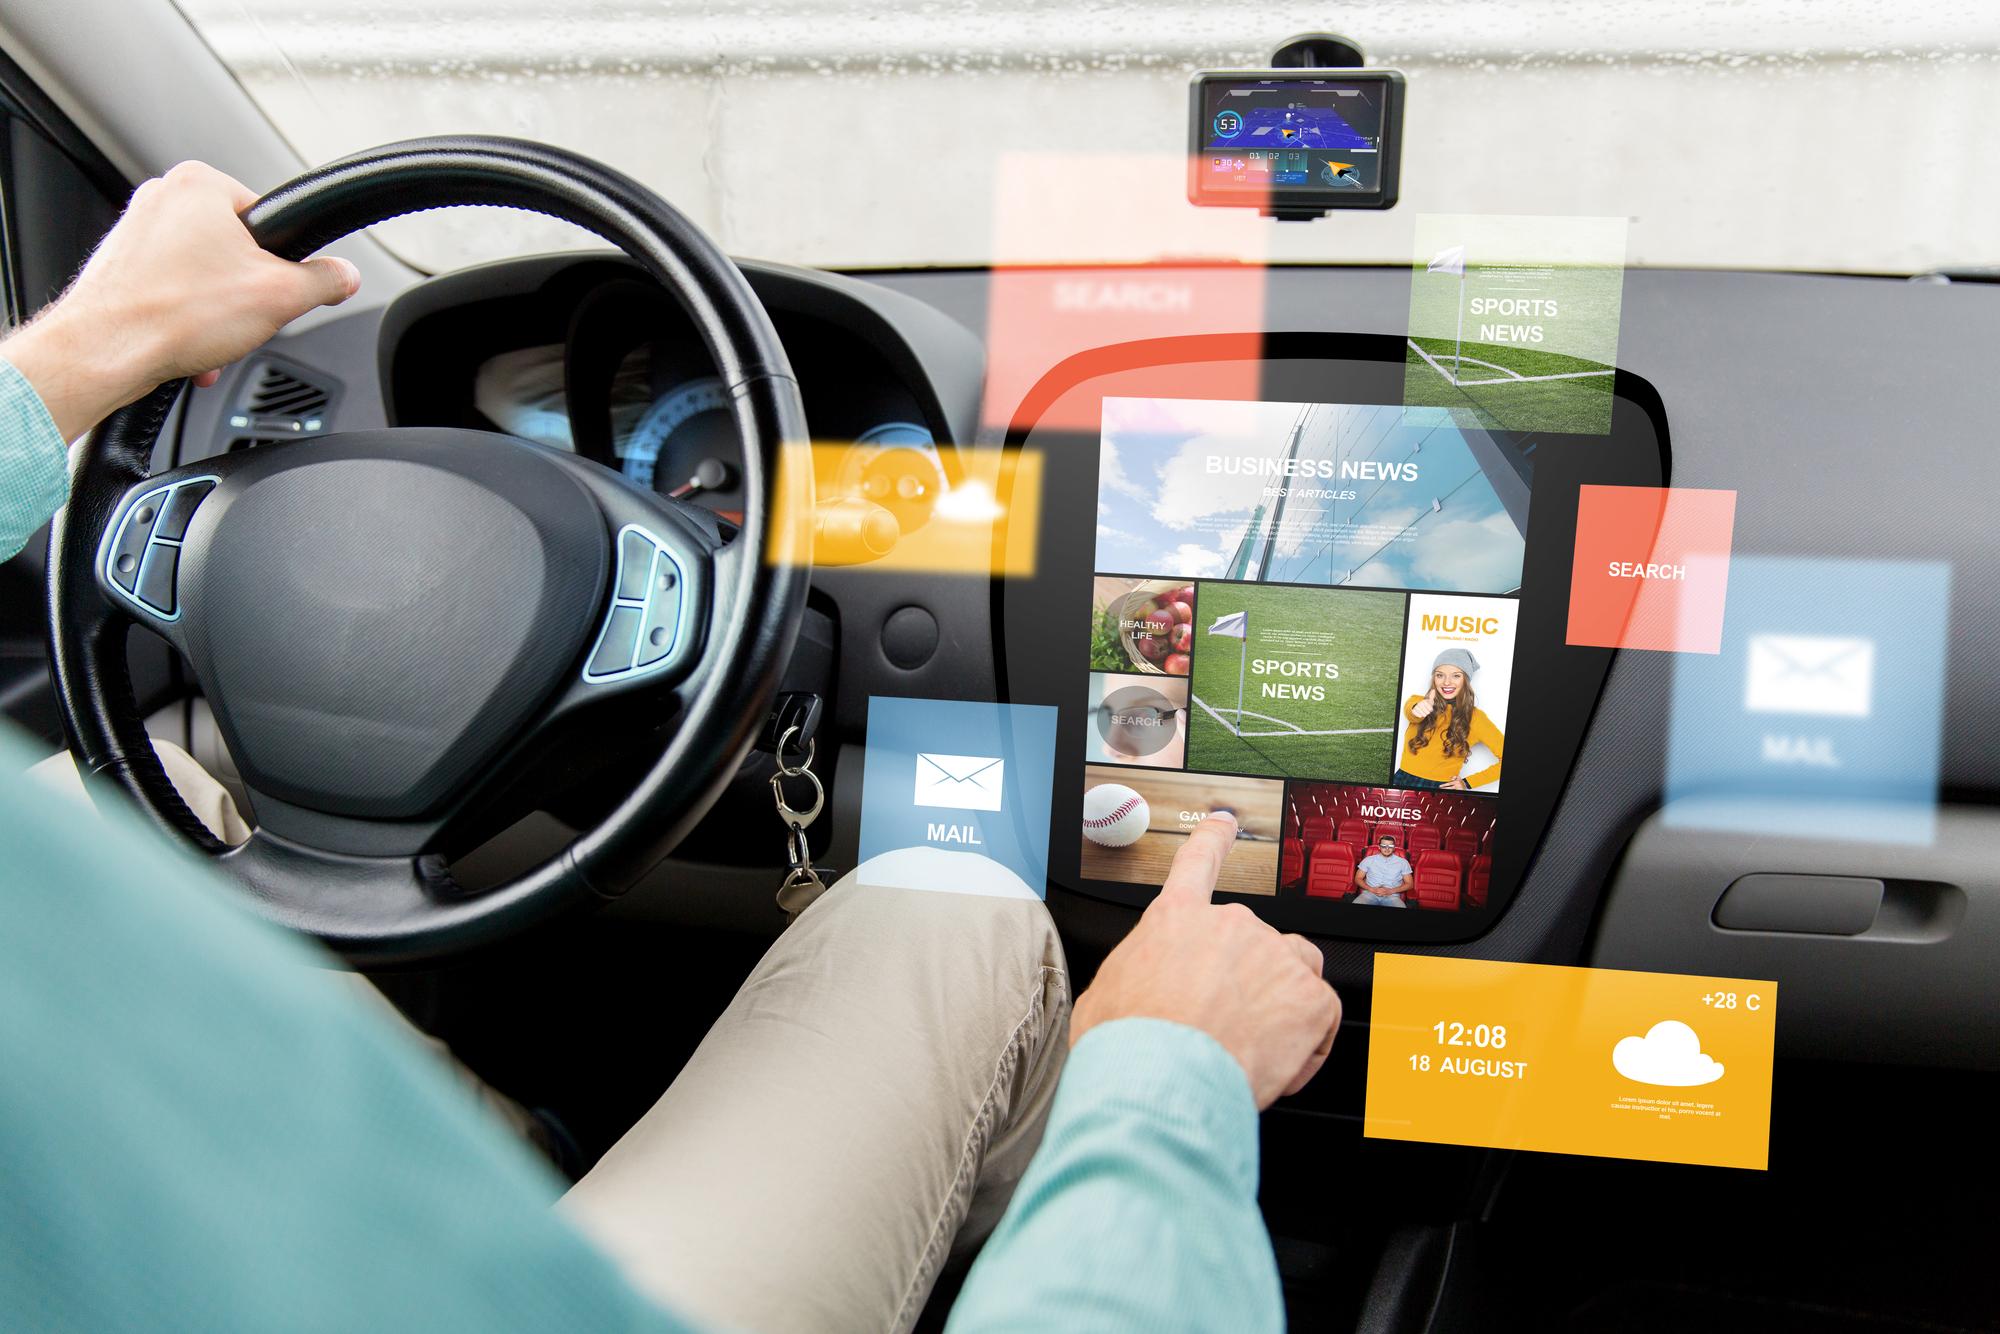 הרכב נעשה מחשב על גלגלים. המחשה: depositphotos.com